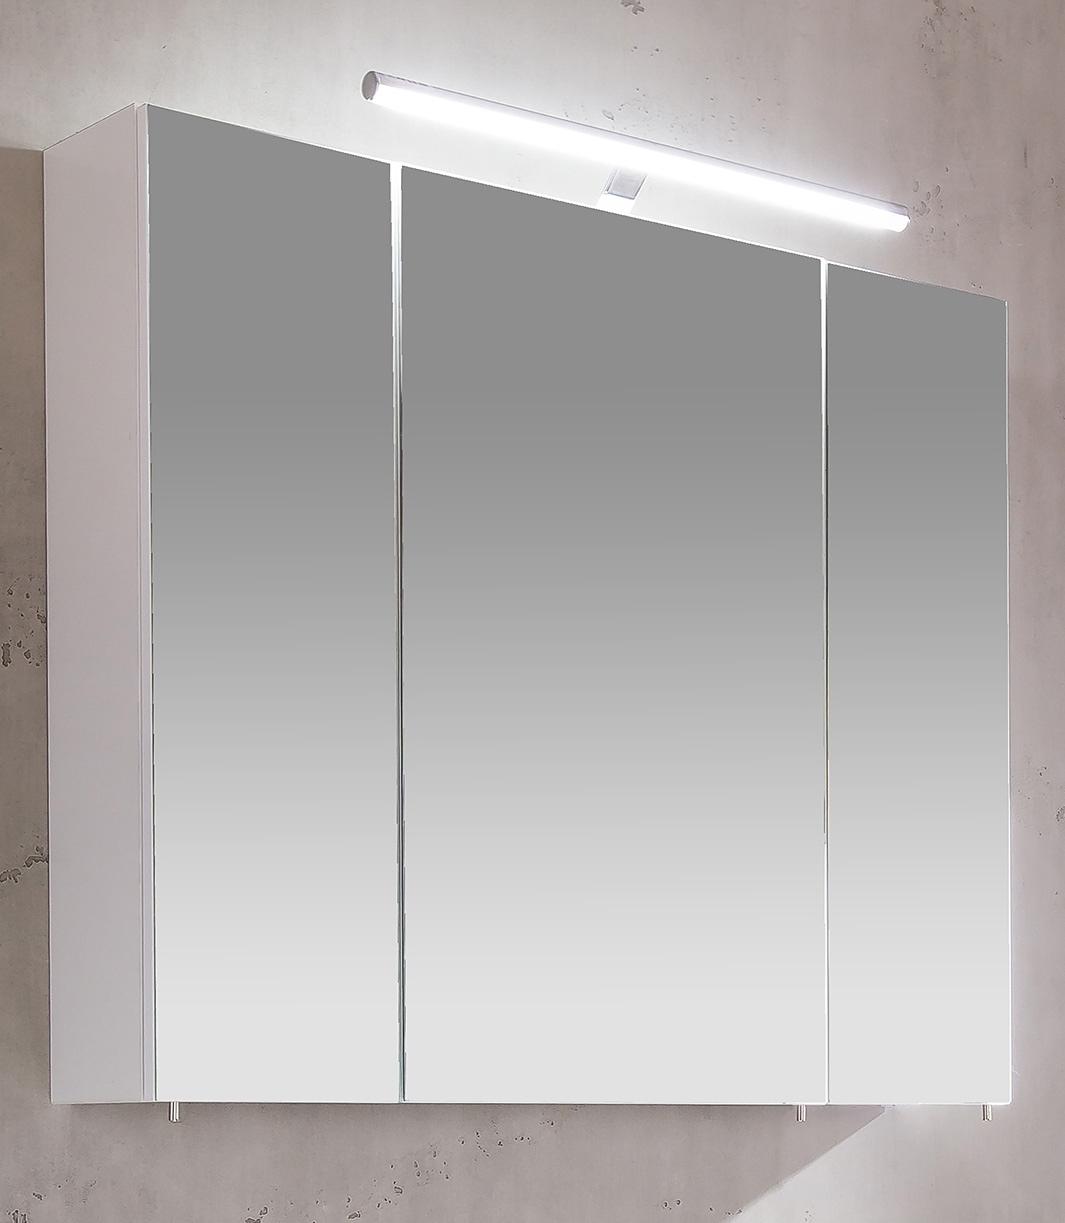 Schildmeyer spiegelkast Irene Breedte 80 cm, 3-deurs, ledverlichting, schakelaar-/stekkerdoos, glasplateaus, Made in Germany in de webshop van OTTO kopen